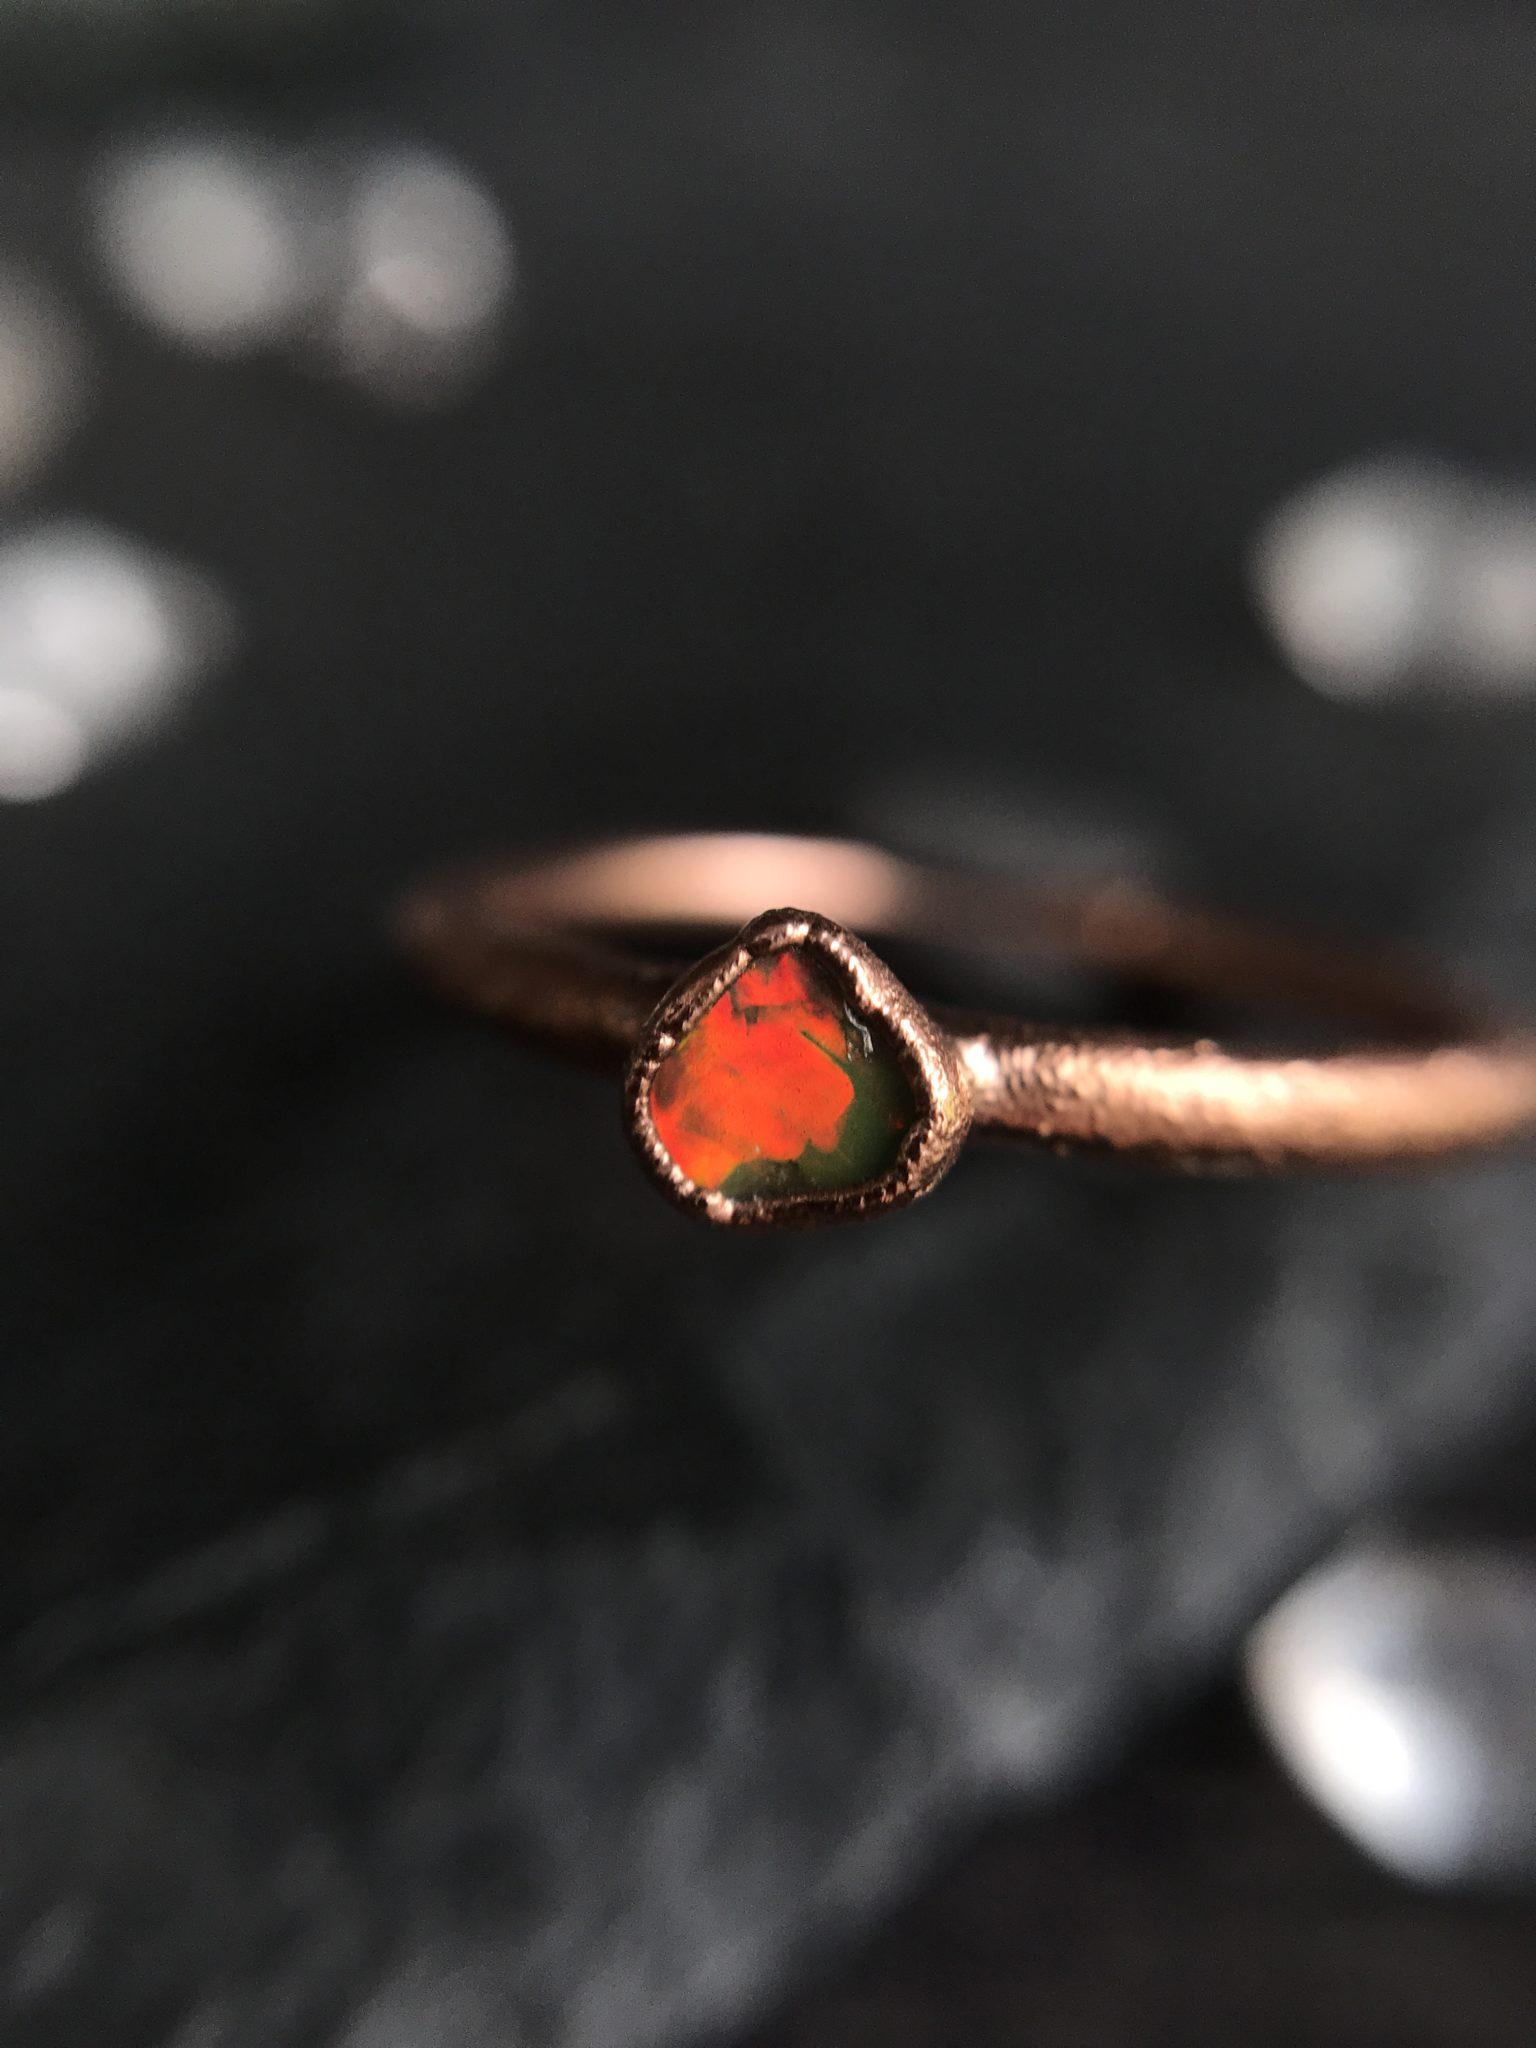 Ręcznie robiony pierścionek z małym, pomarańczowo-zielonym opalem w miedzianej oprawie. Pierścionek jest niepowtarzalny, zrobiony na wzór tego będzie zawsze inny. Otrzymasz dokładnie tę sztukę pokazaną na zdjęciach. Rozmiar pierścionka to 13. Opal to kamień urodzinowy osób urodzonych w październiku, będzie to fajny prezent dla osoby urodzonej w paździeniku lub upamiętniający osobę w tym miesiącu urodzoną.